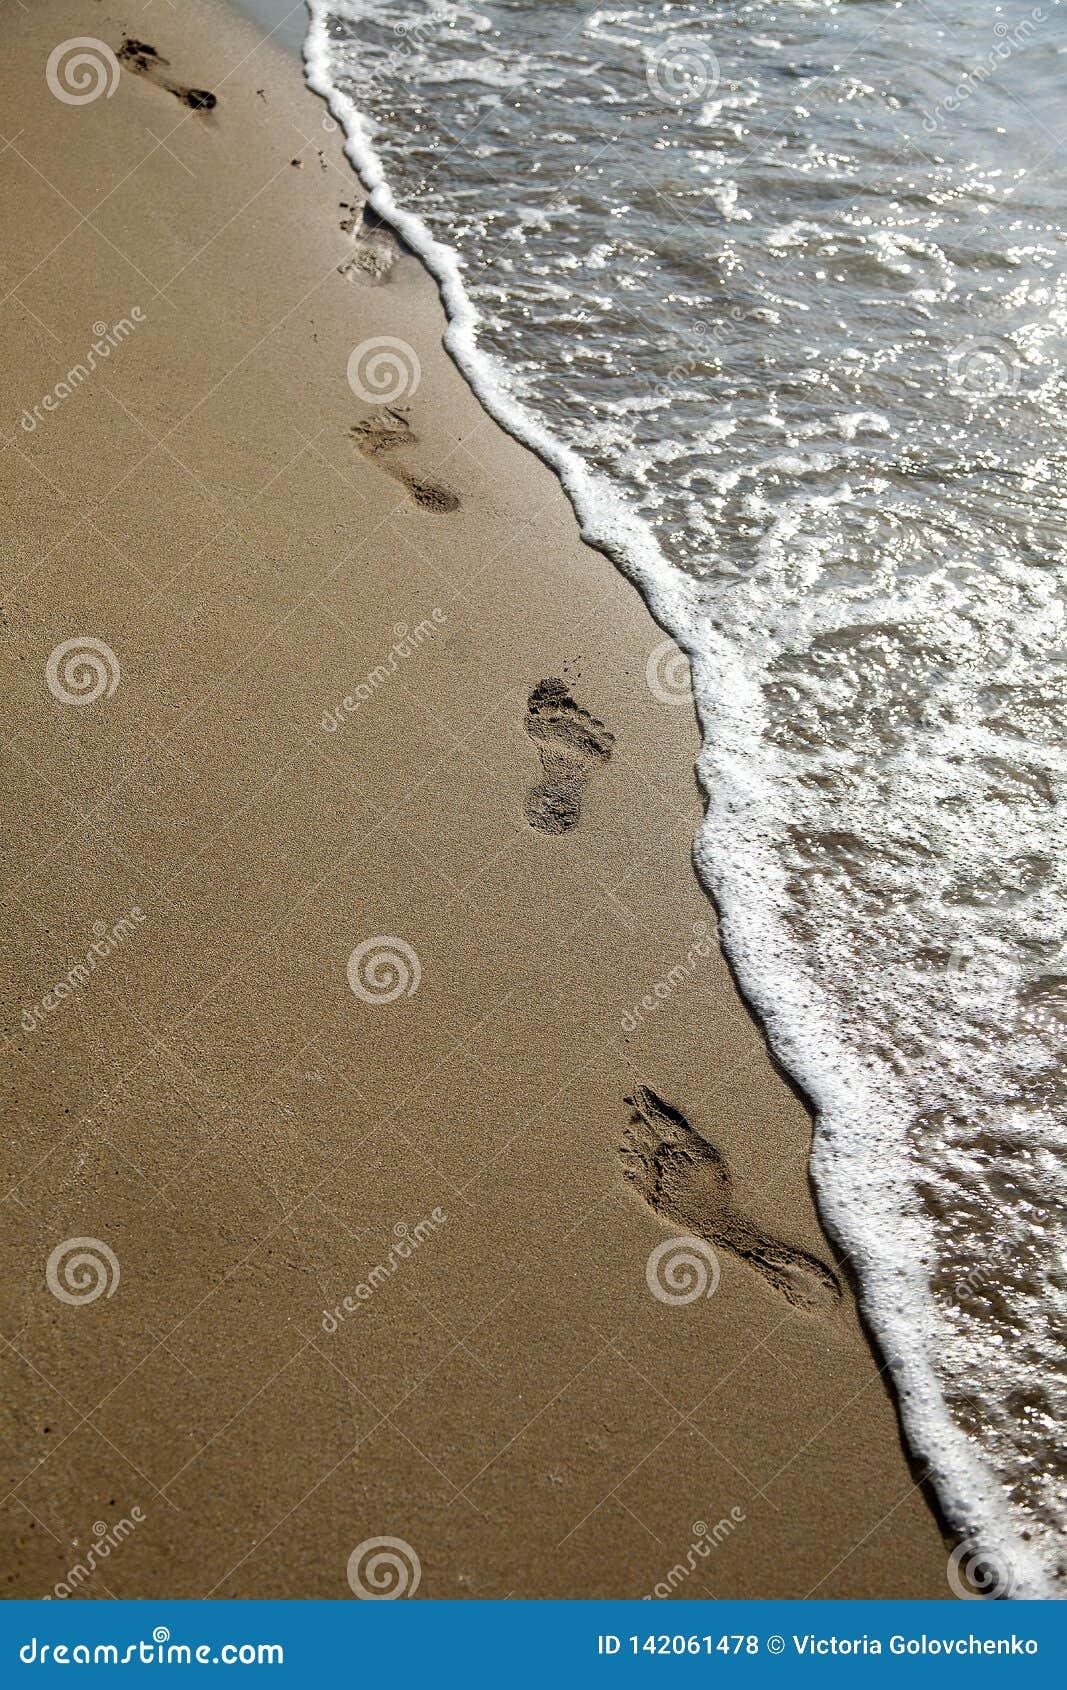 Voetafdruk op zand met overzees, verticaal formaat